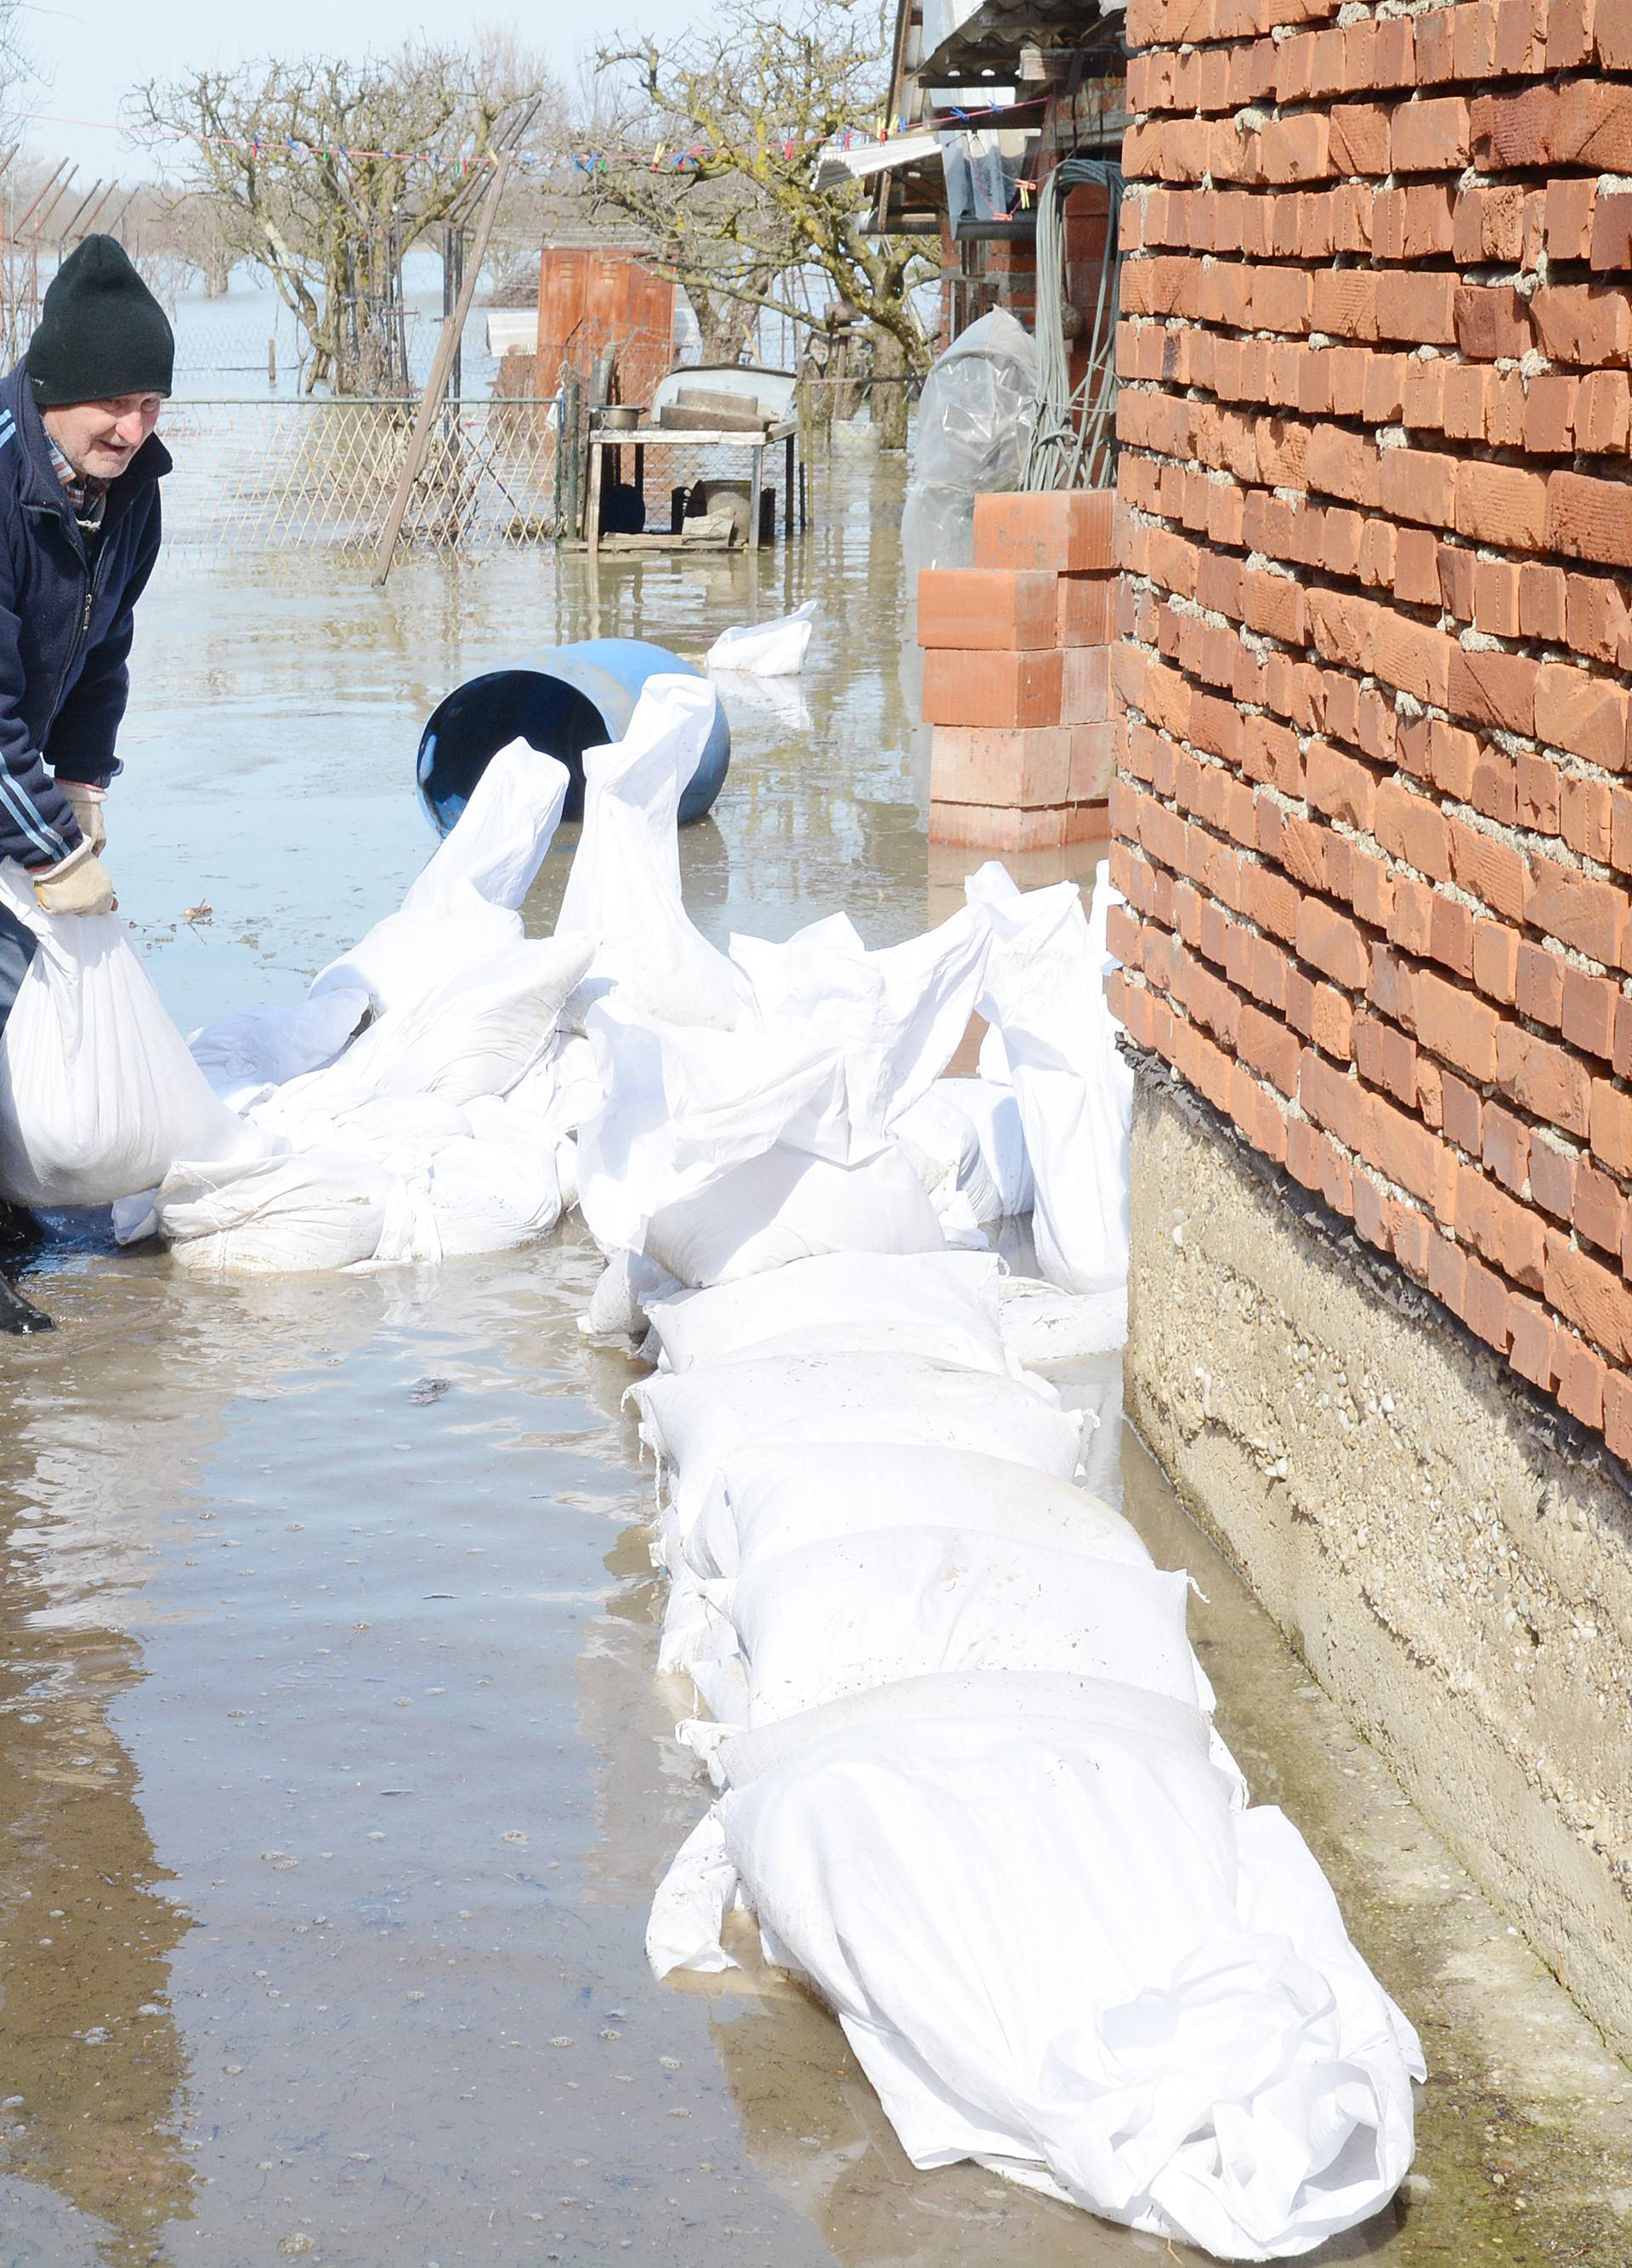 Nasipi su raskvašeni, a nekim naseljima prijete zaobalne vode